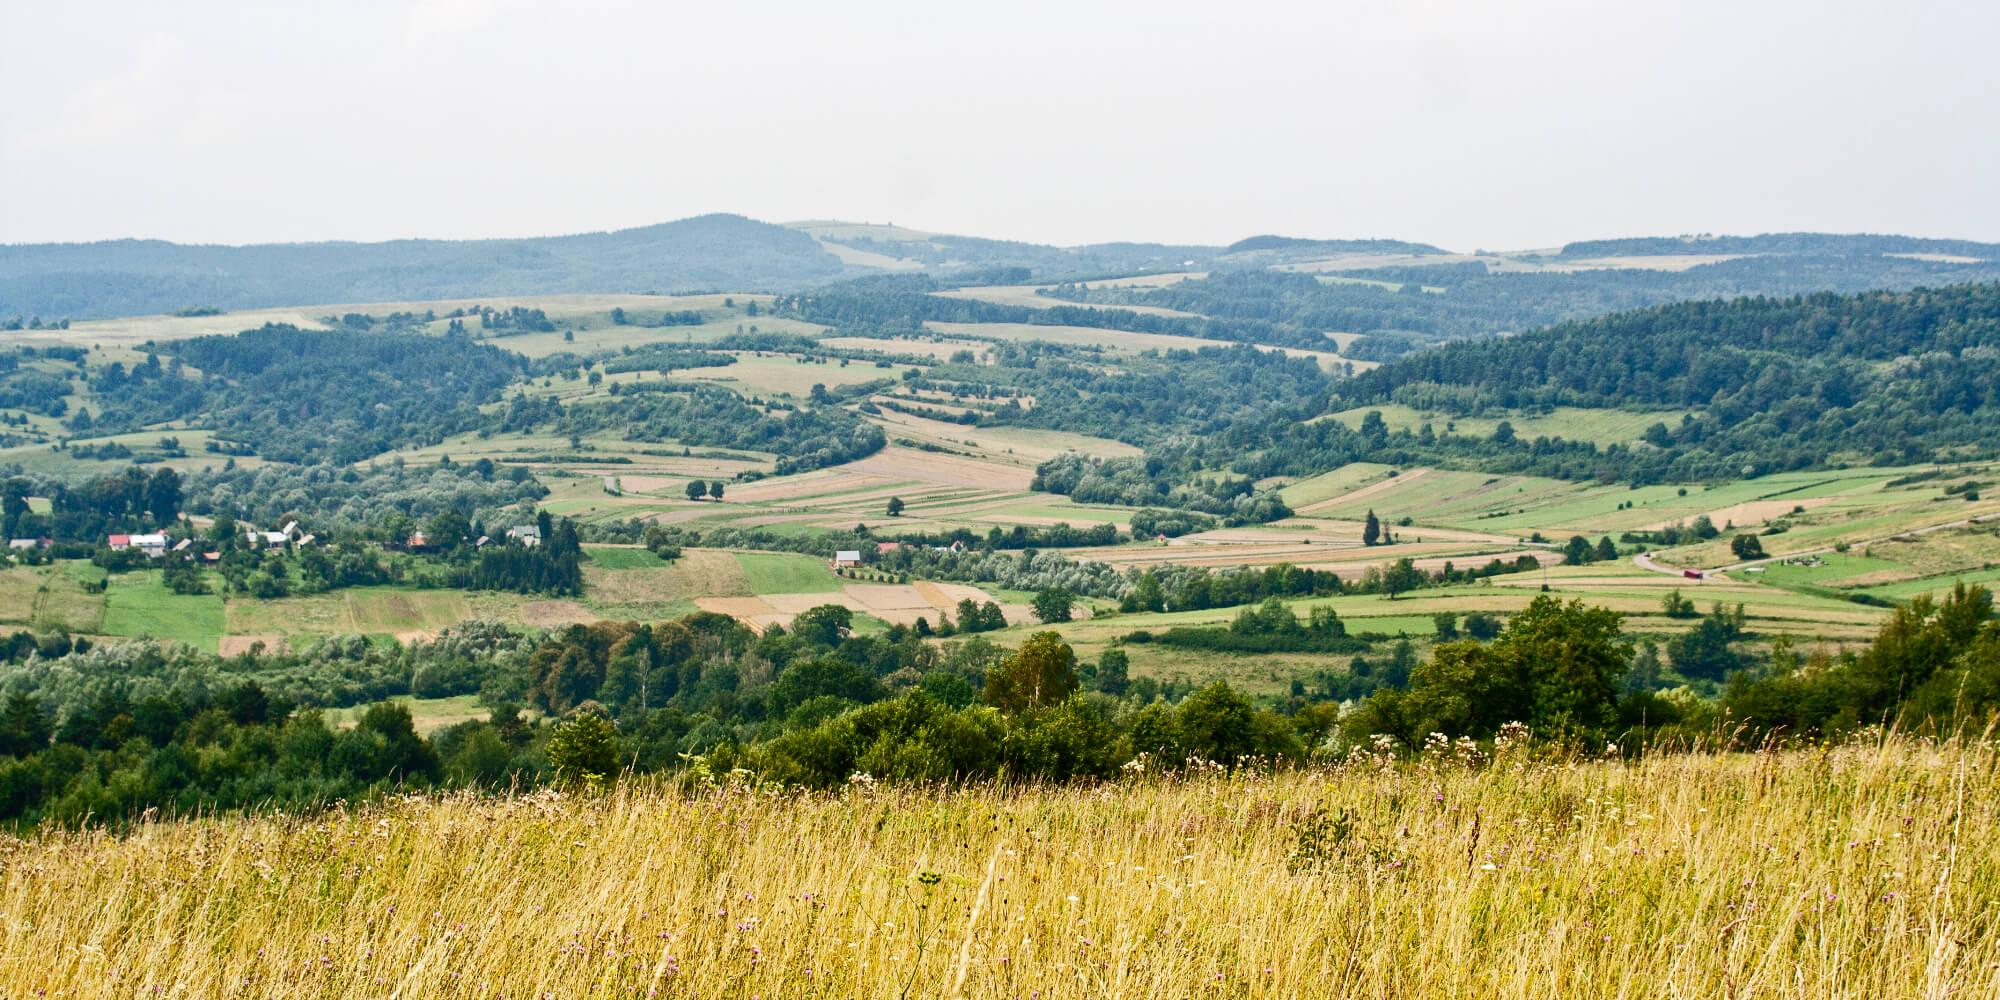 Fot. 1. Pogórze Przemyskie, widok z Kalwarii Pacławskiej na niezalesiony szczyt Kopystańki.